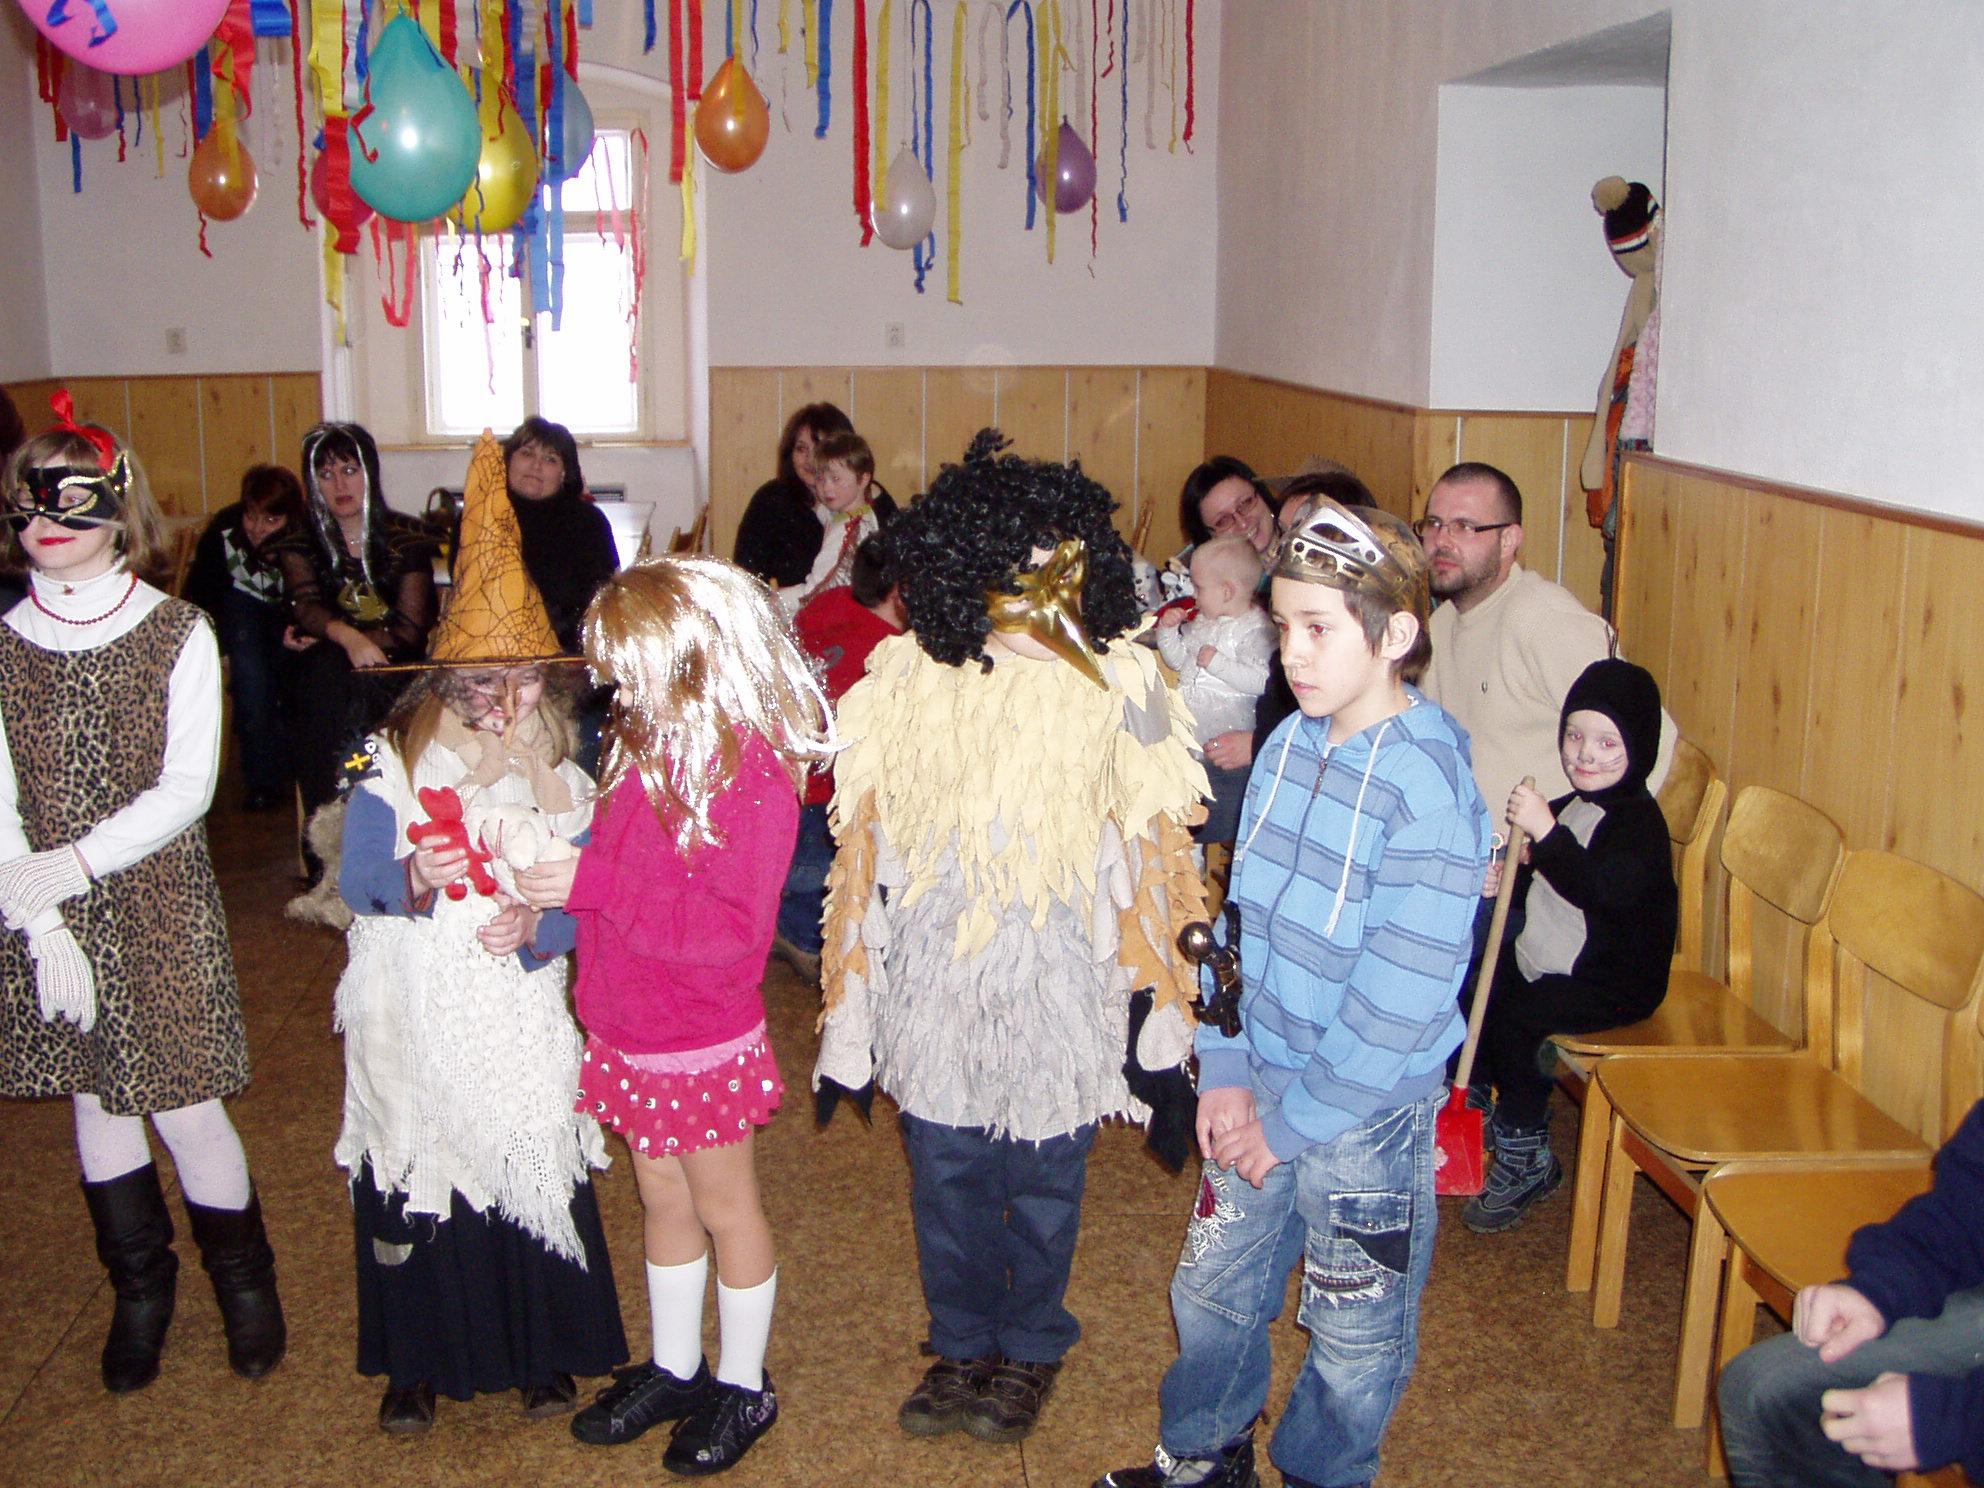 06.03.2010 - Karneval